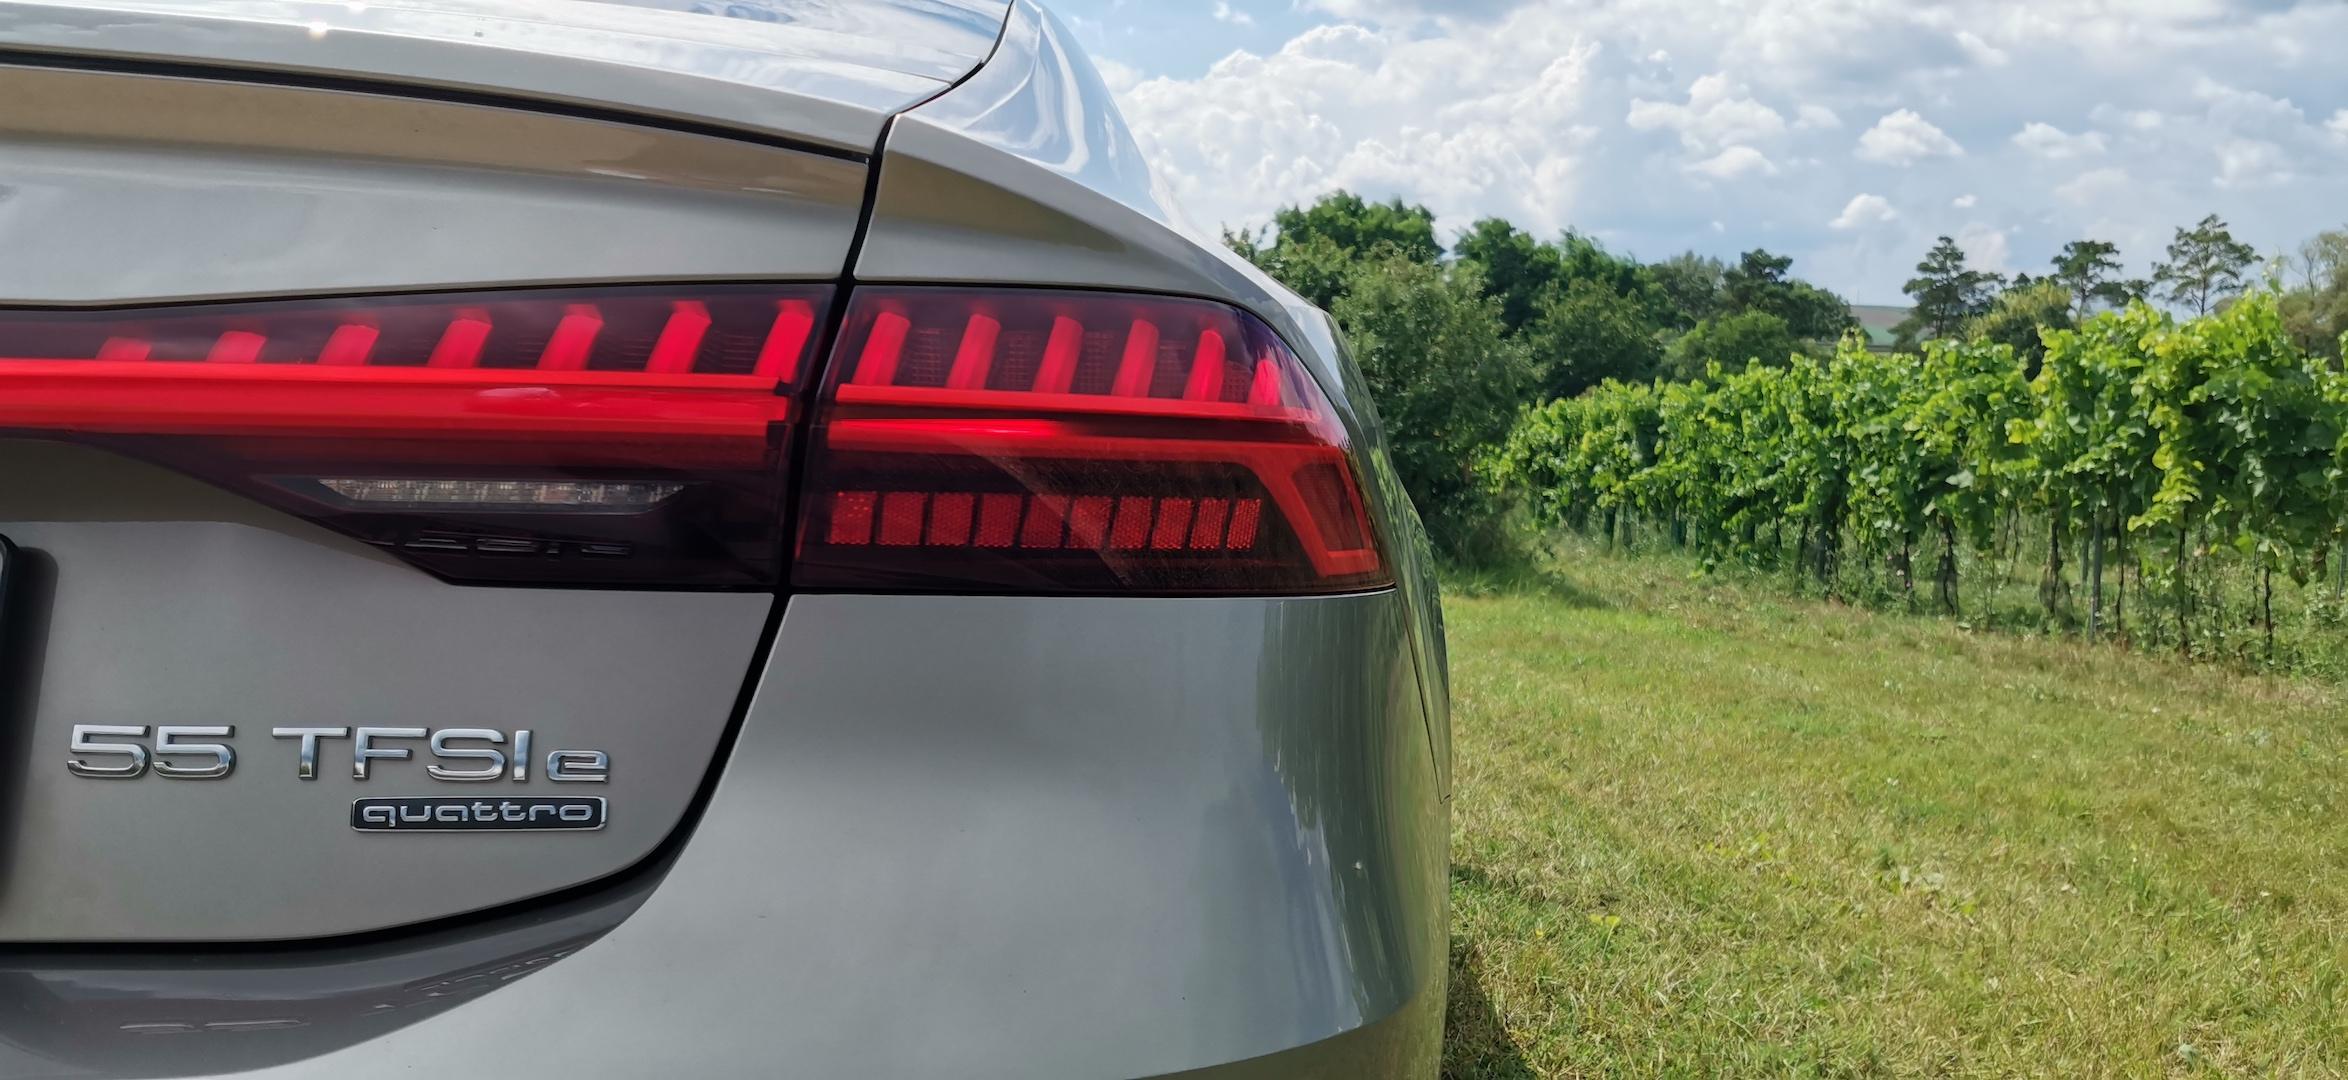 Audi A7 Sportback 55 TFSI e Quattro - označení motorizace